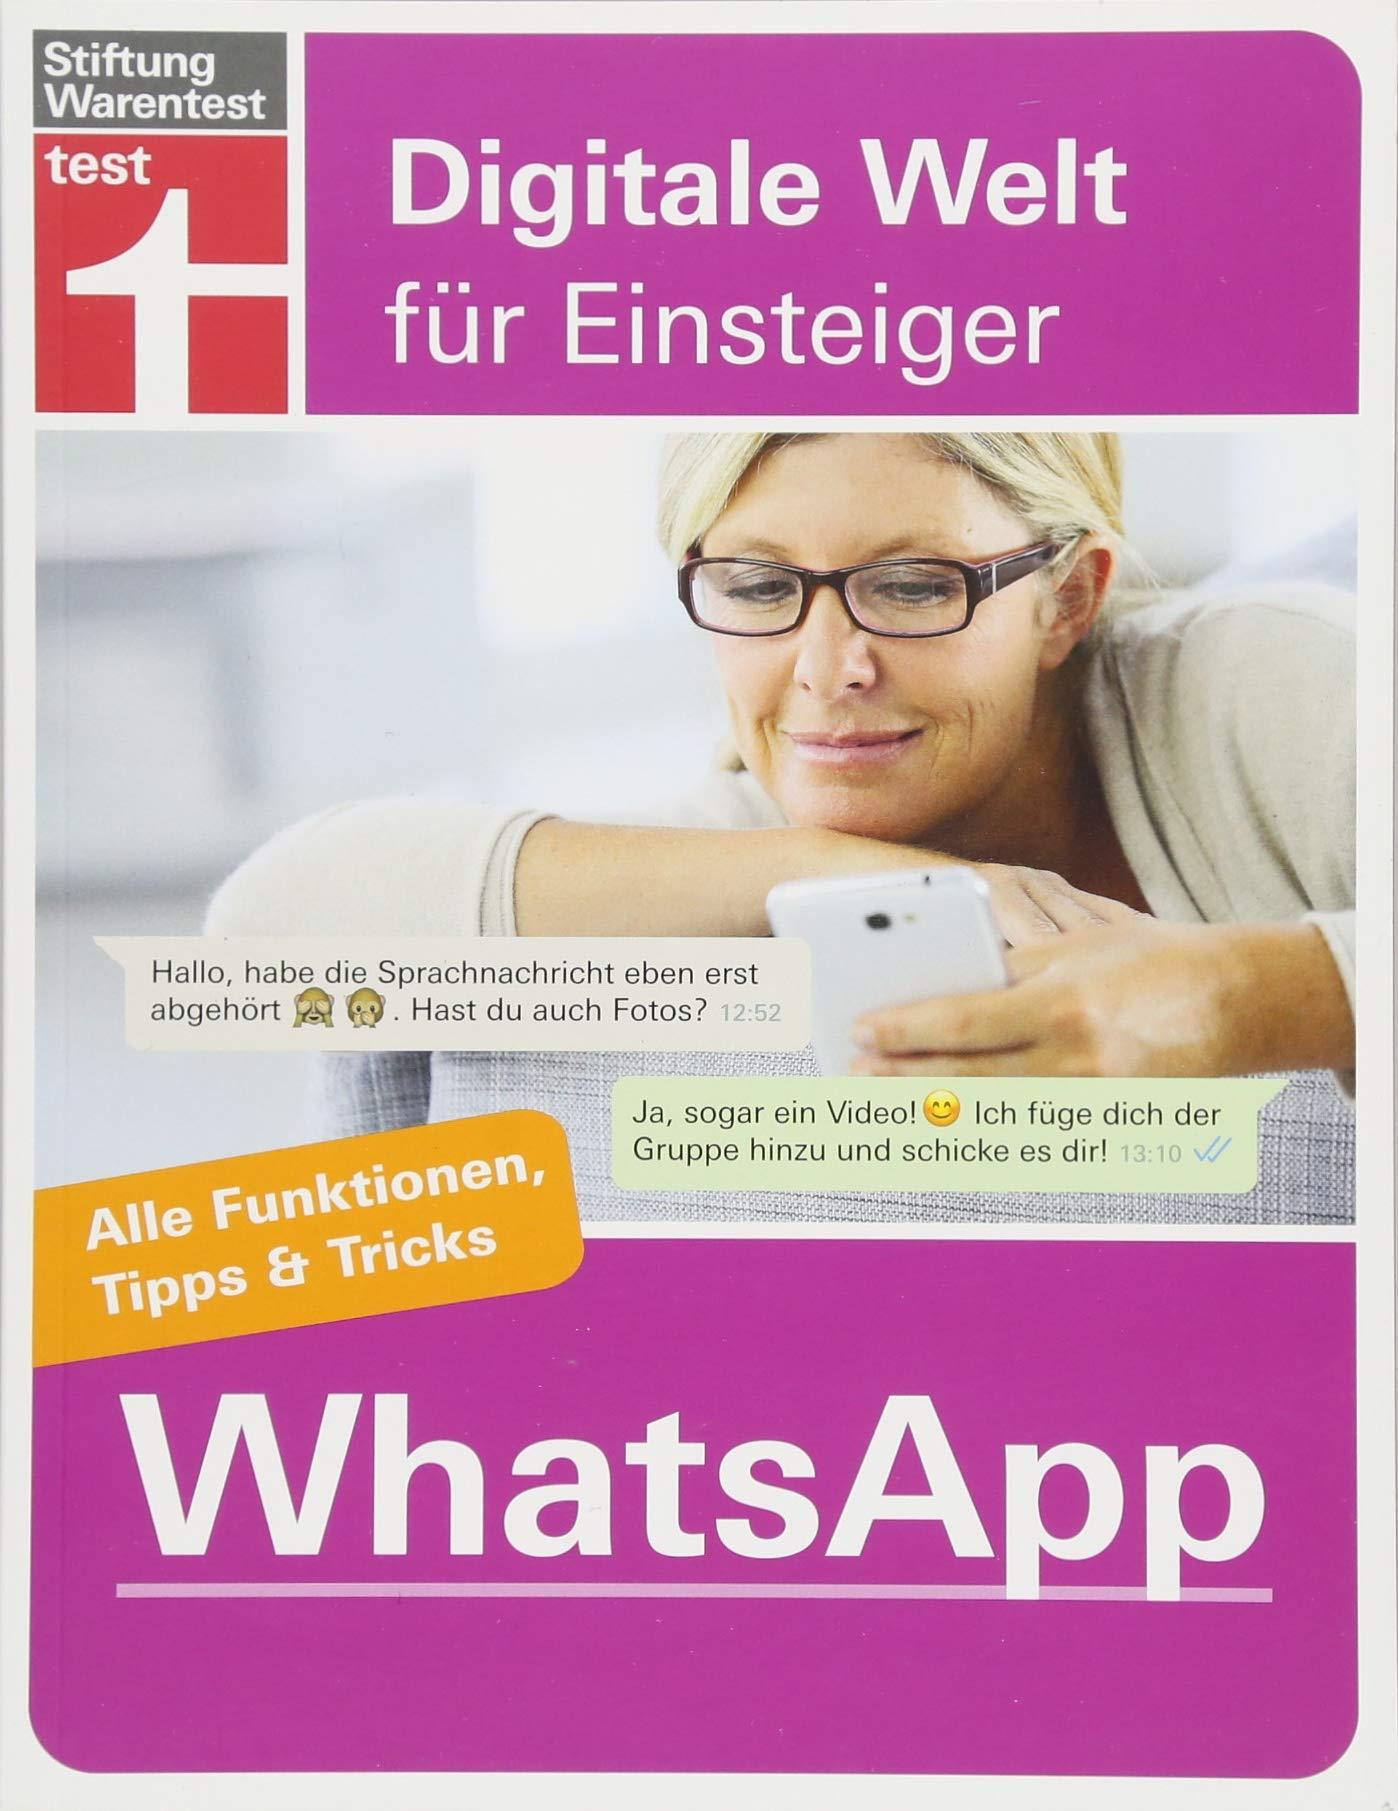 WhatsApp: Für Android und iPhone - Alle Funktionen, Tipps & Tricks - Von Stiftung Warentest (Digitale Welt für Einsteiger)